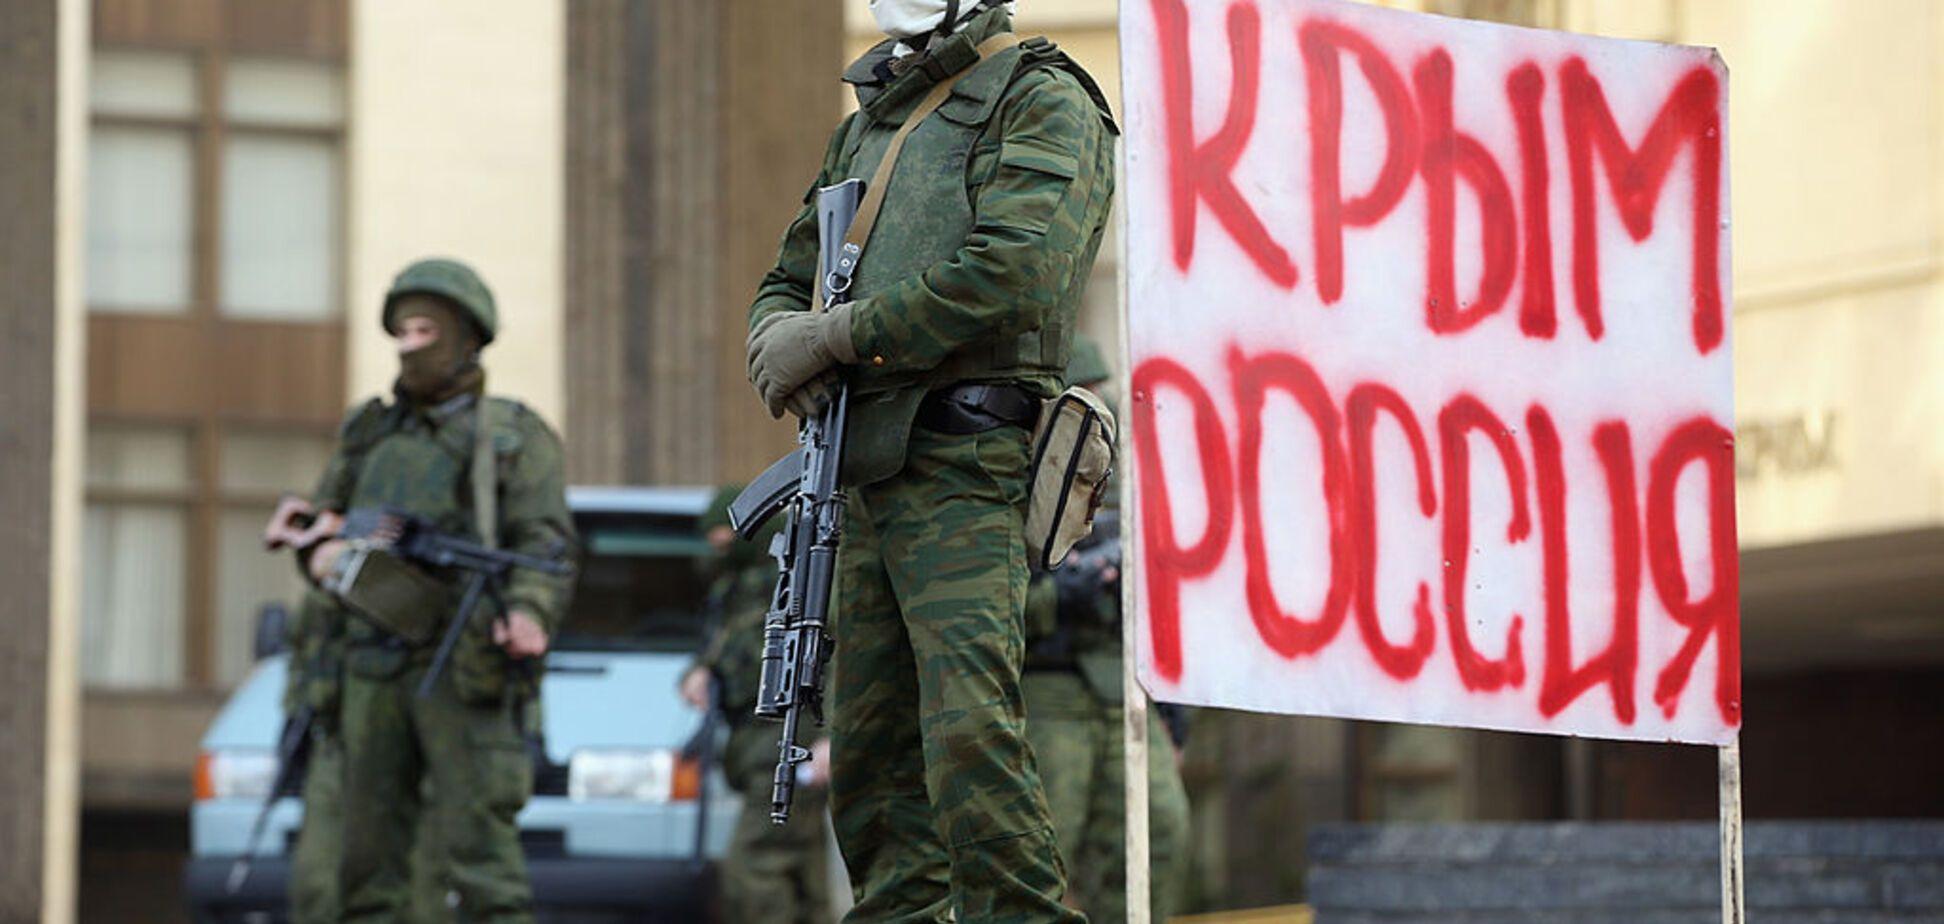 Крым – не Россия: в New York Times поставили точку в скандале